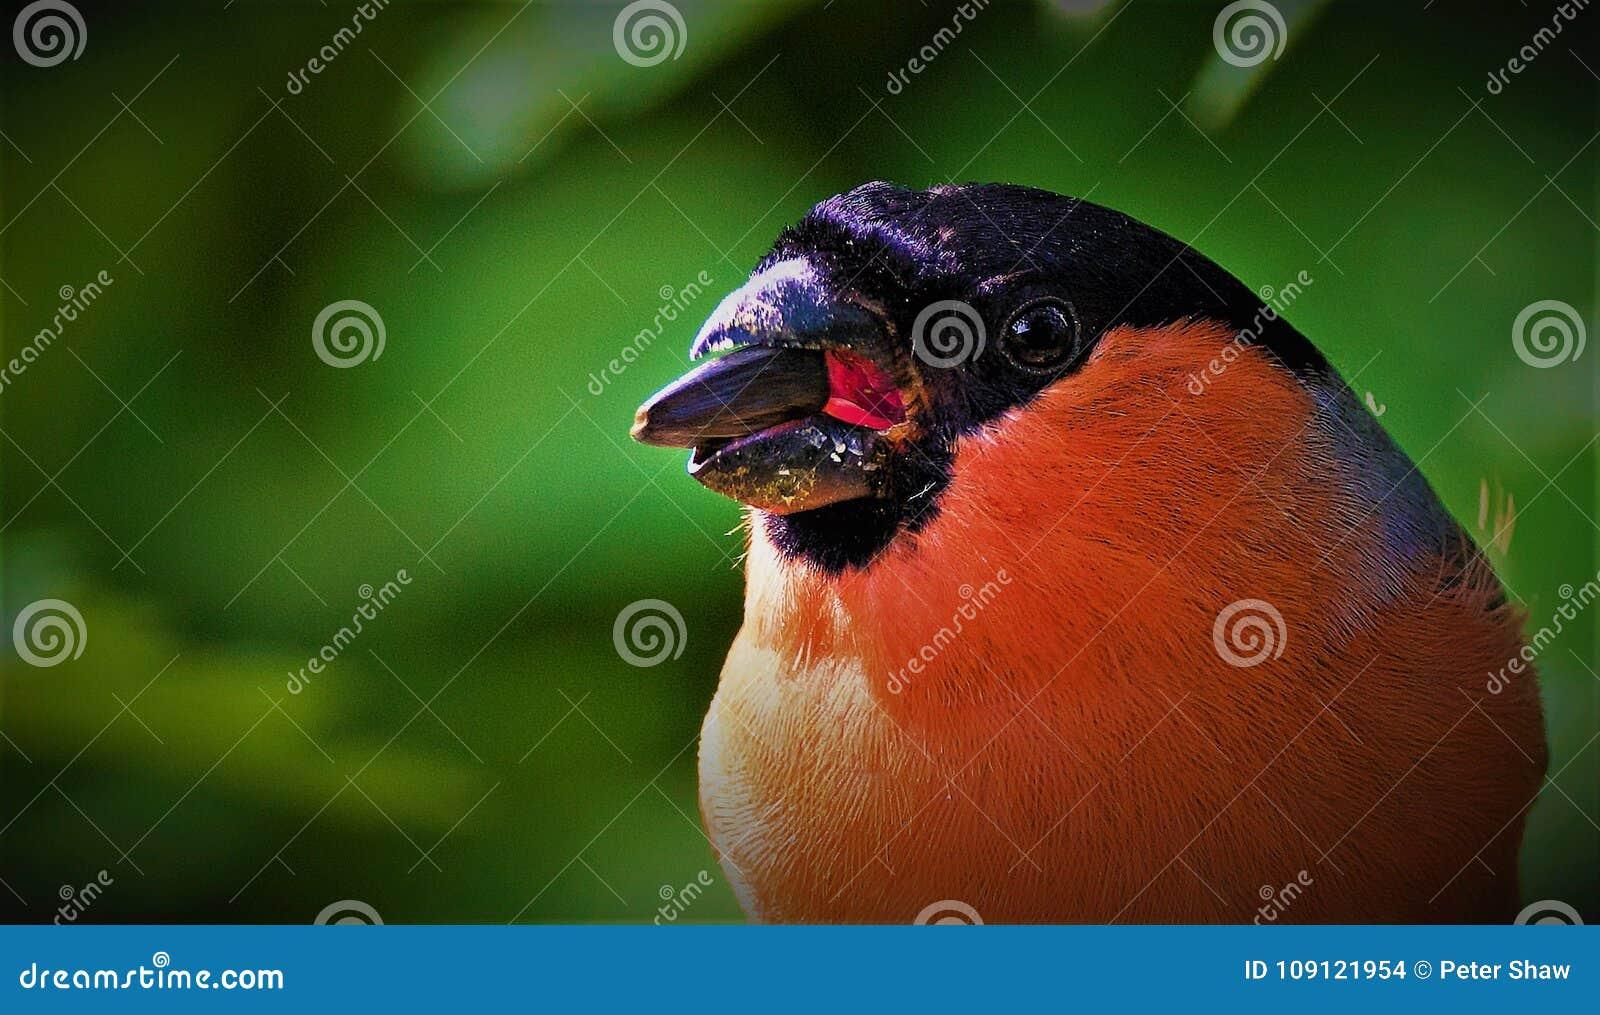 Male Bullfinch Portrait